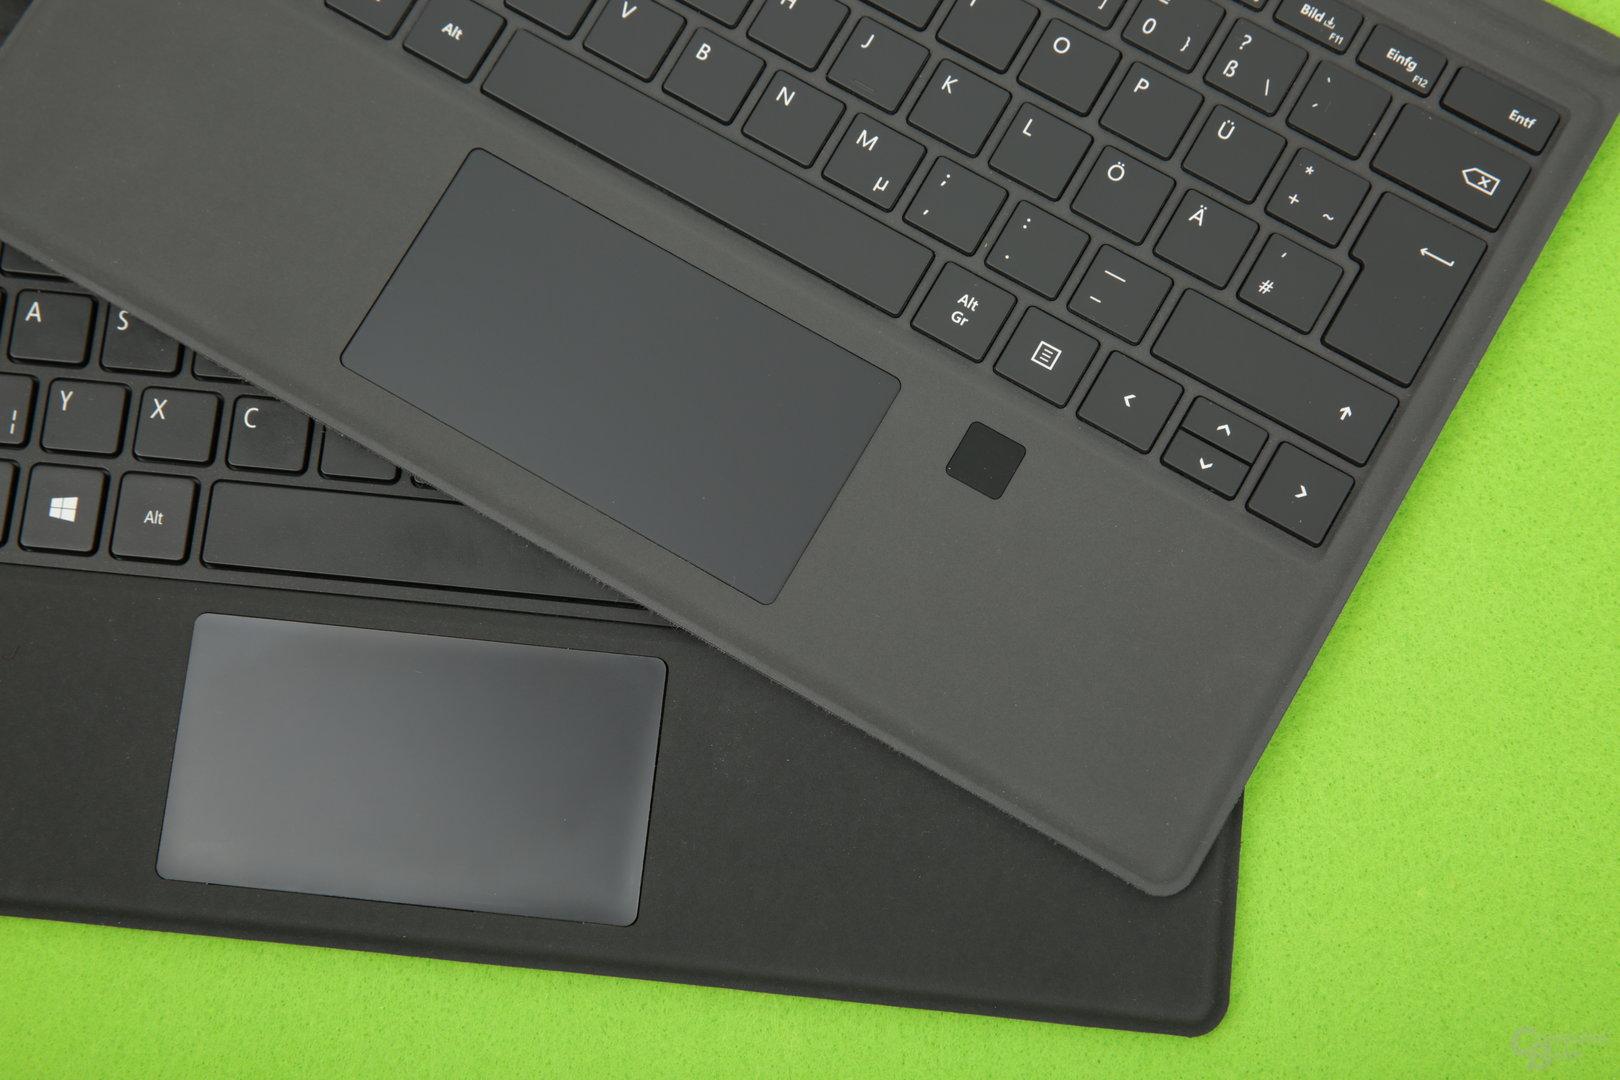 Ähnliche Tastaturen, das Touchpad bei Microsoft (oben) ist aber noch größer